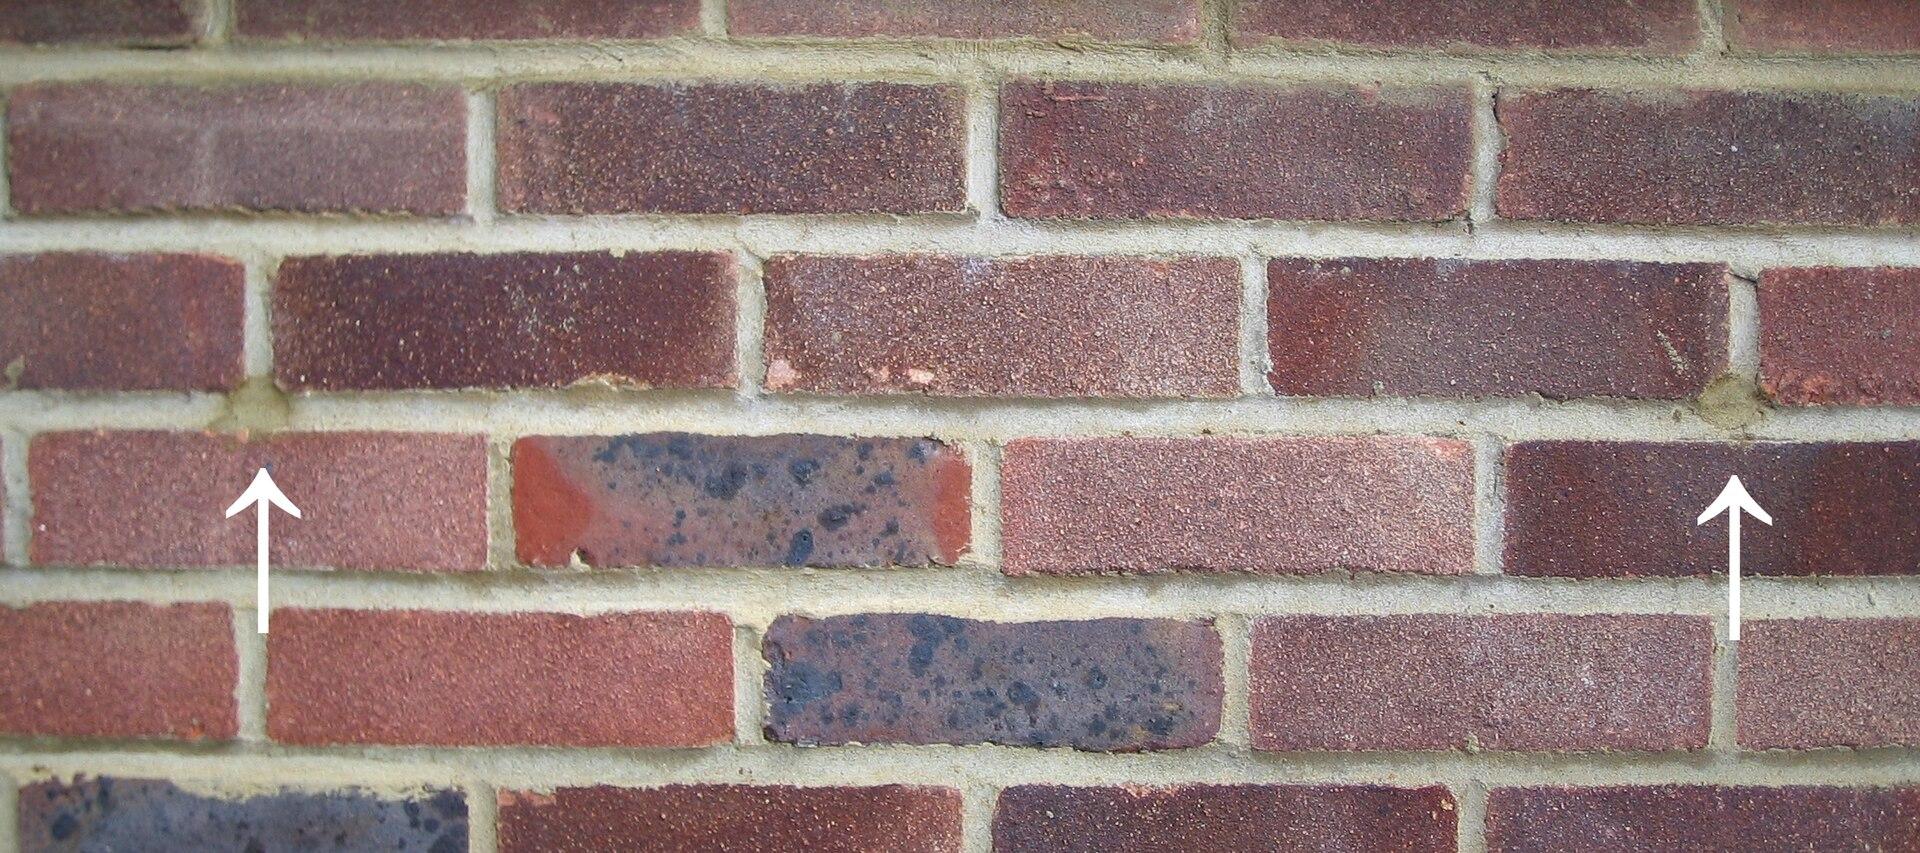 Cavity Wall Insulation Wikipedia